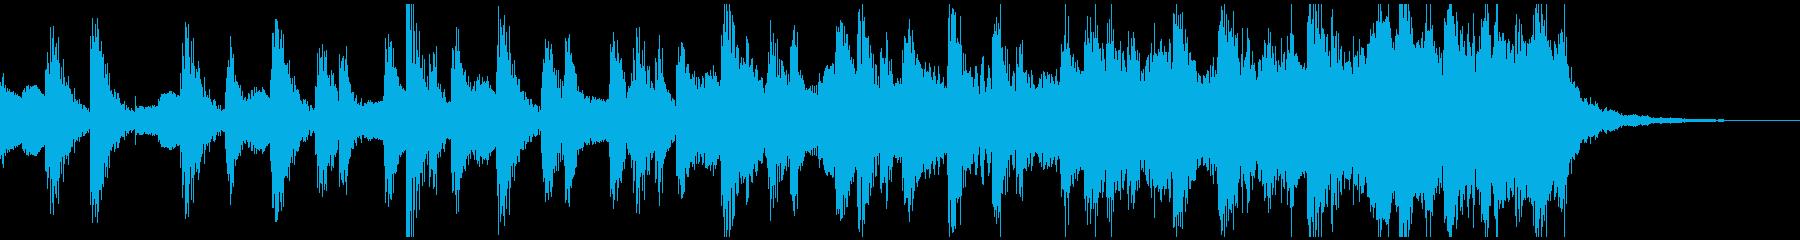 ミニマルなショートBGMの再生済みの波形